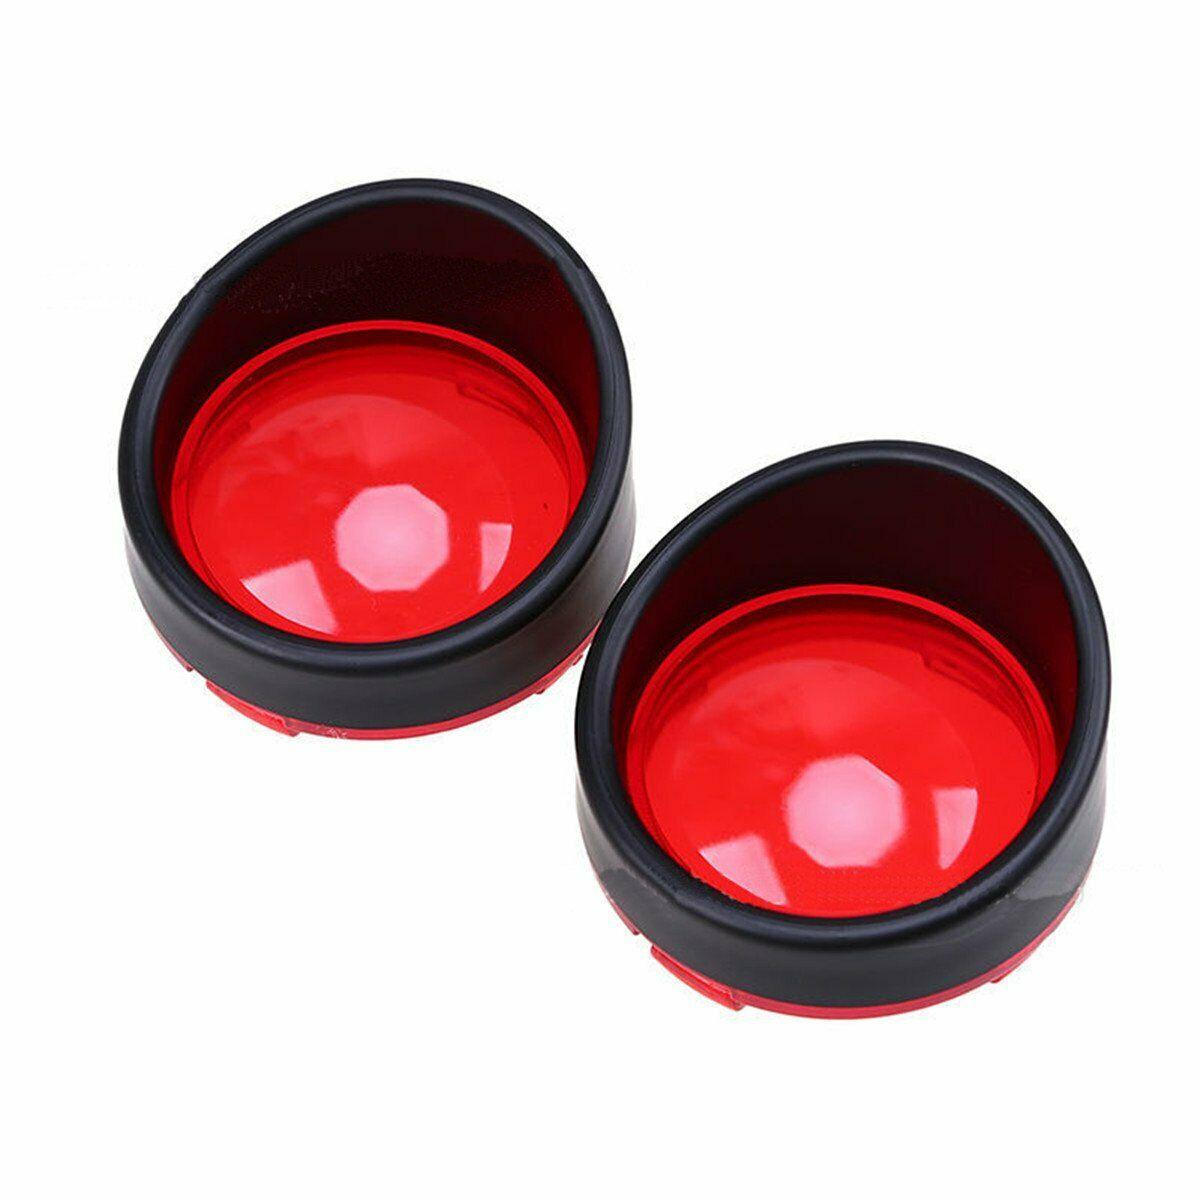 1pair Chrome Visor-Style Turn Signal Light Bezels 4 colors Lens for Harley Davidson Plating